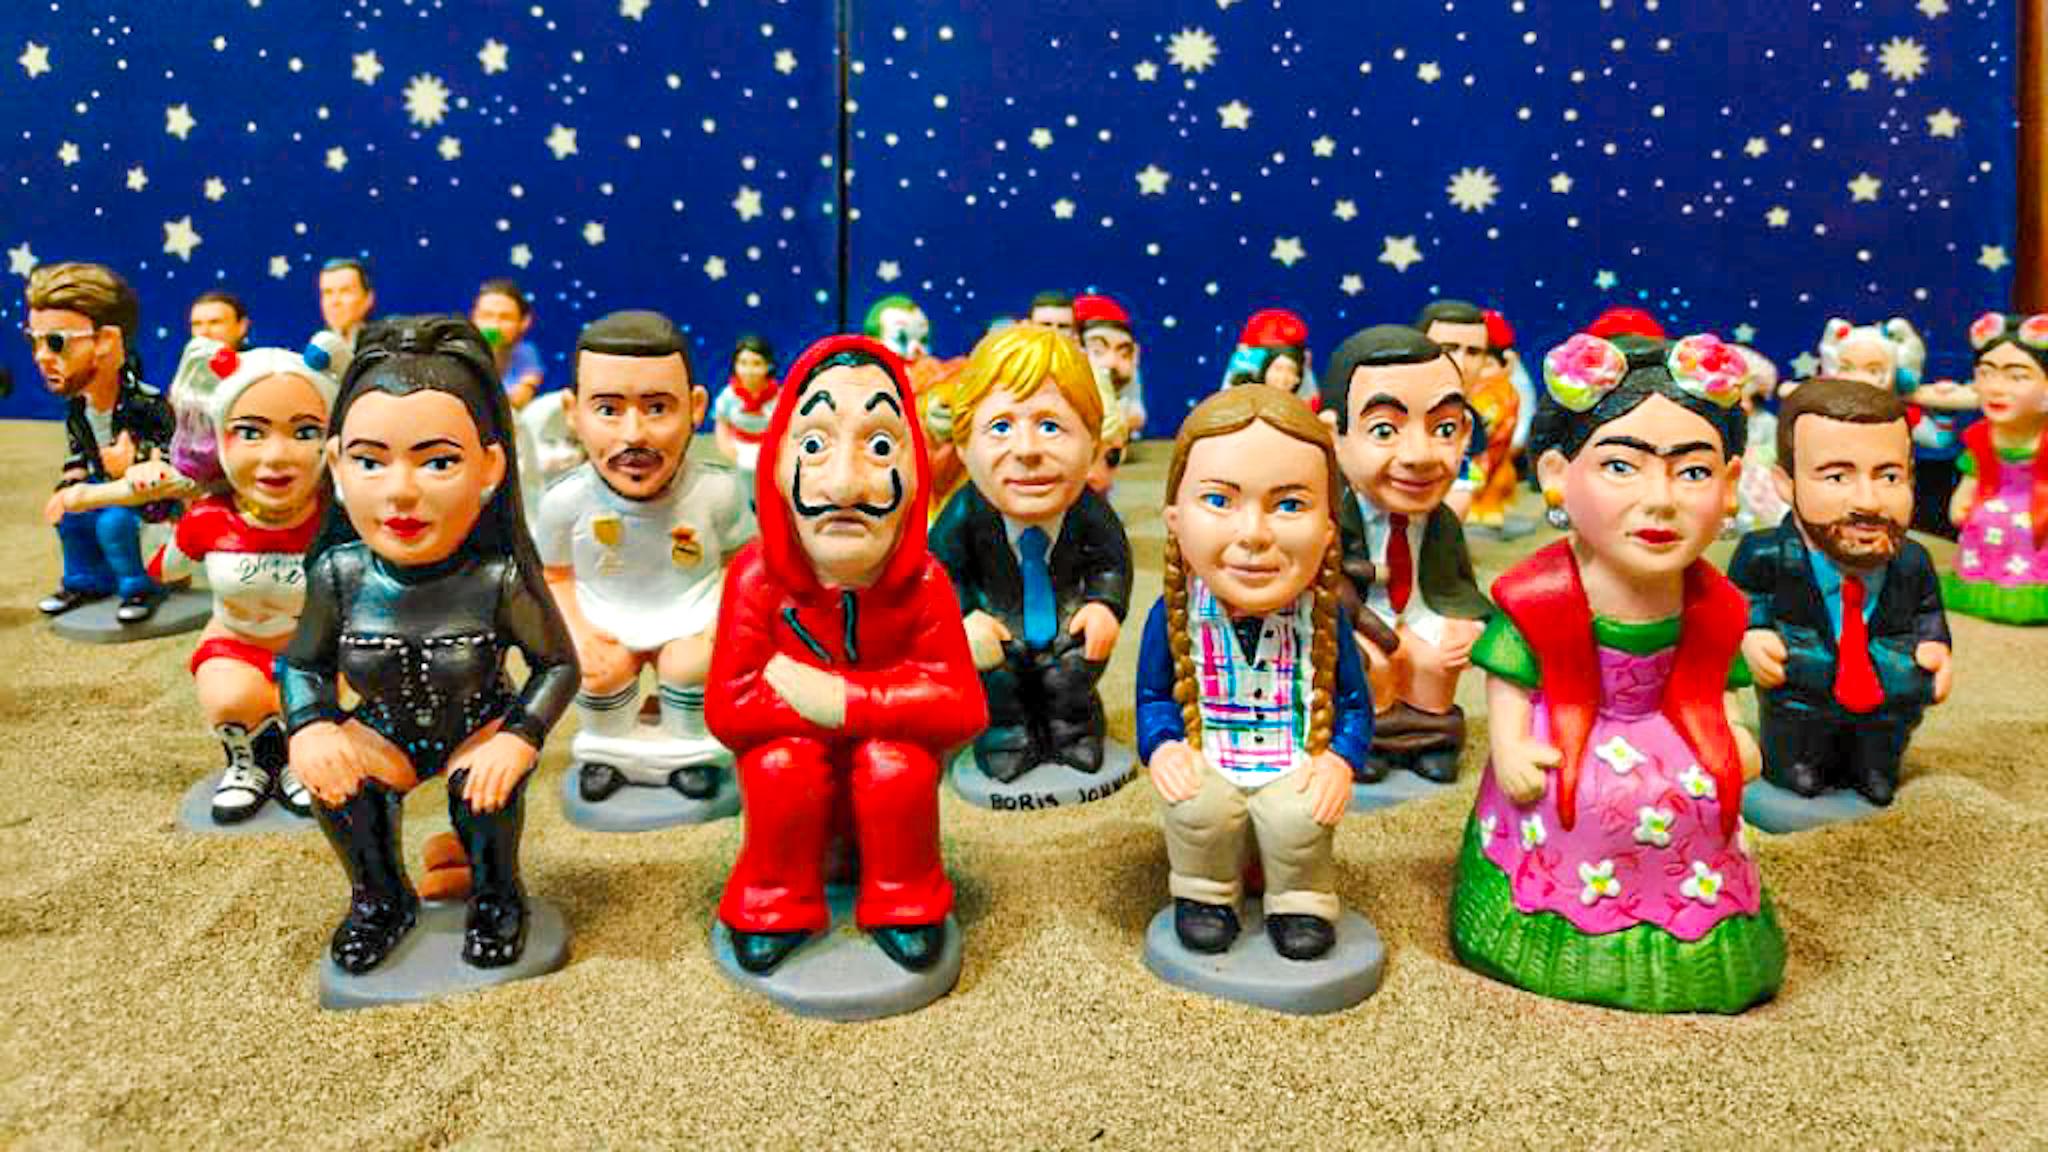 figuritas del caganer imitando personajes famosos